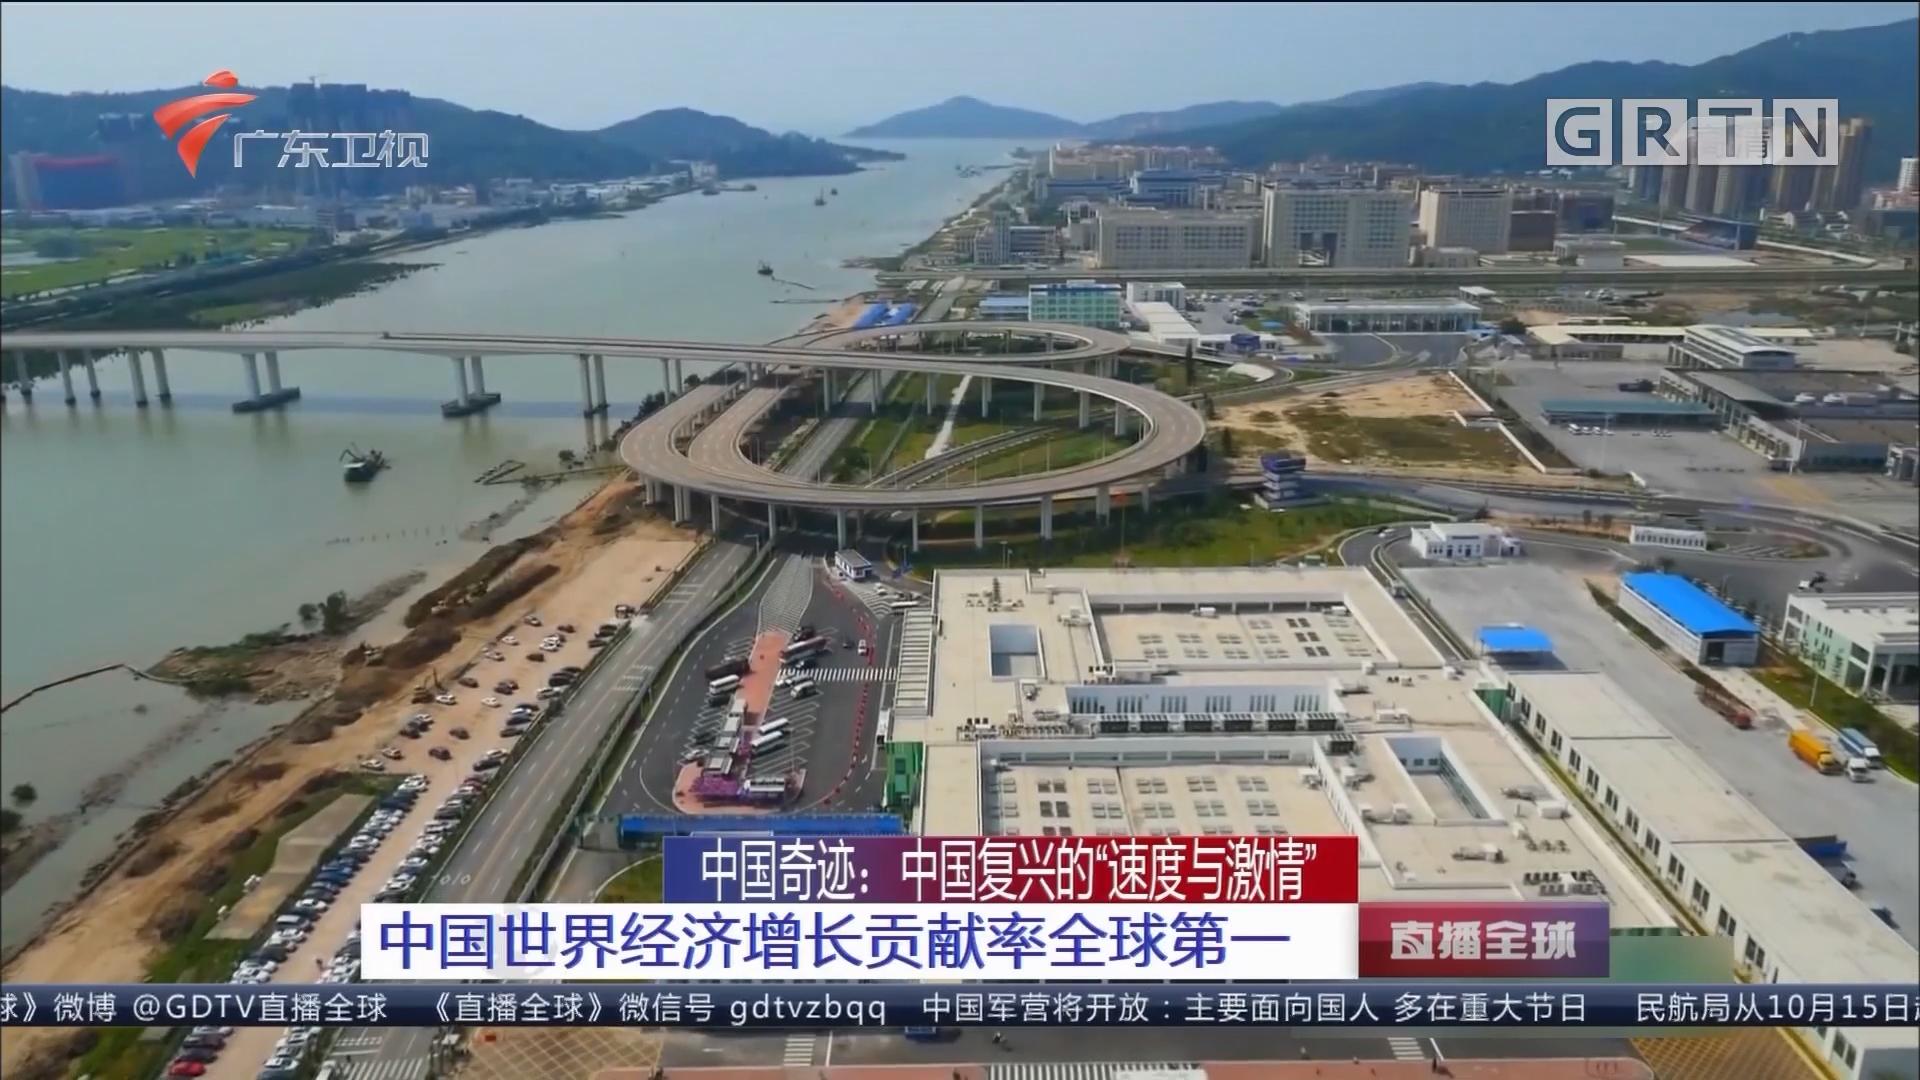 """中国奇迹:中国复兴的""""速度与激情"""" 中国世界经济增长贡献率全球第一"""